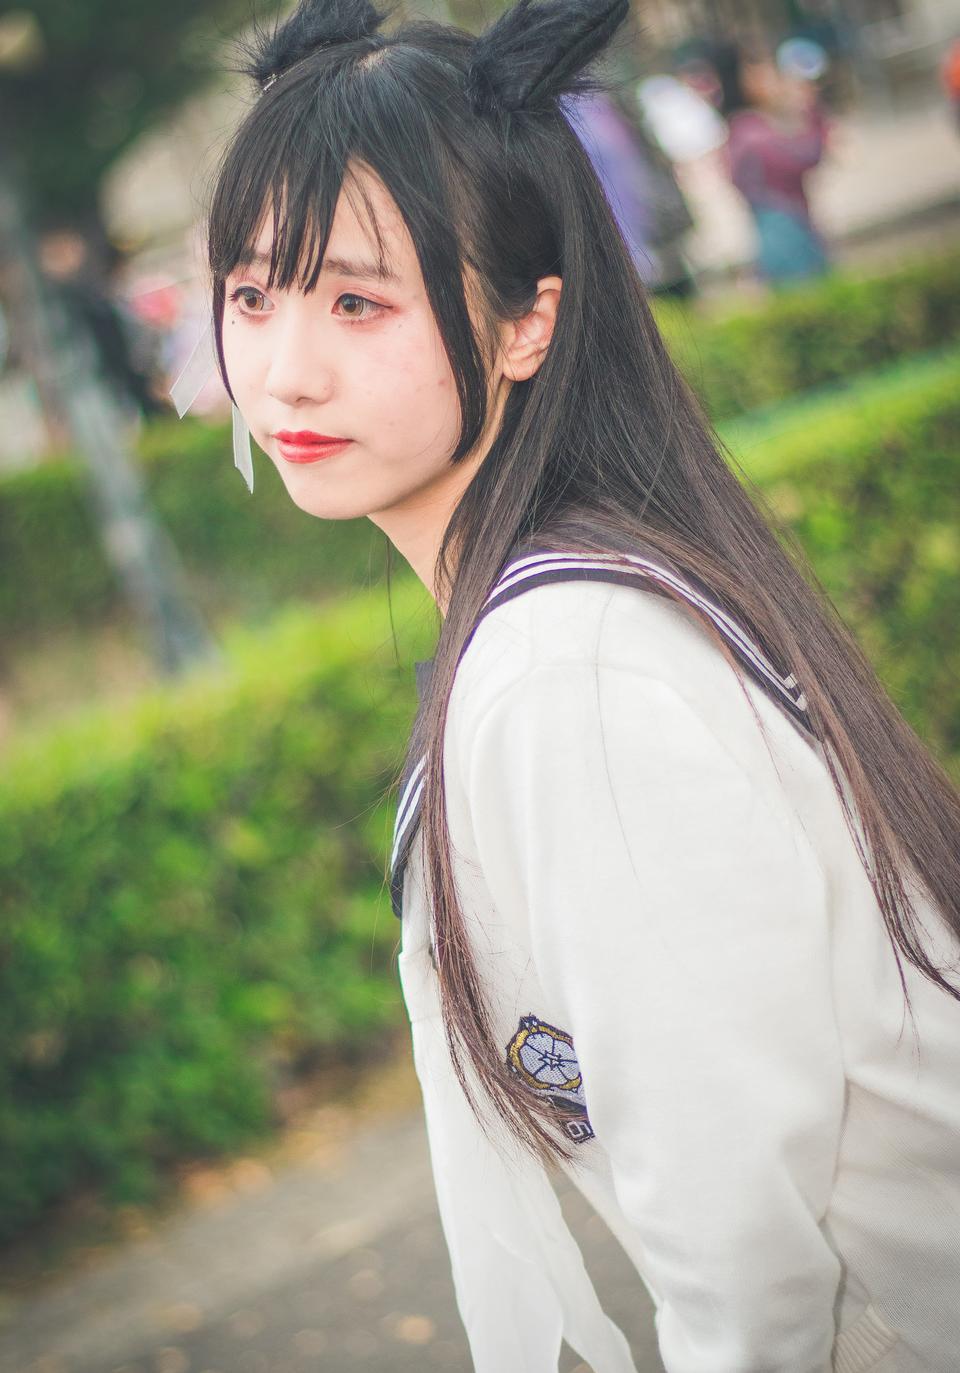 日本动漫cosplay女孩画像